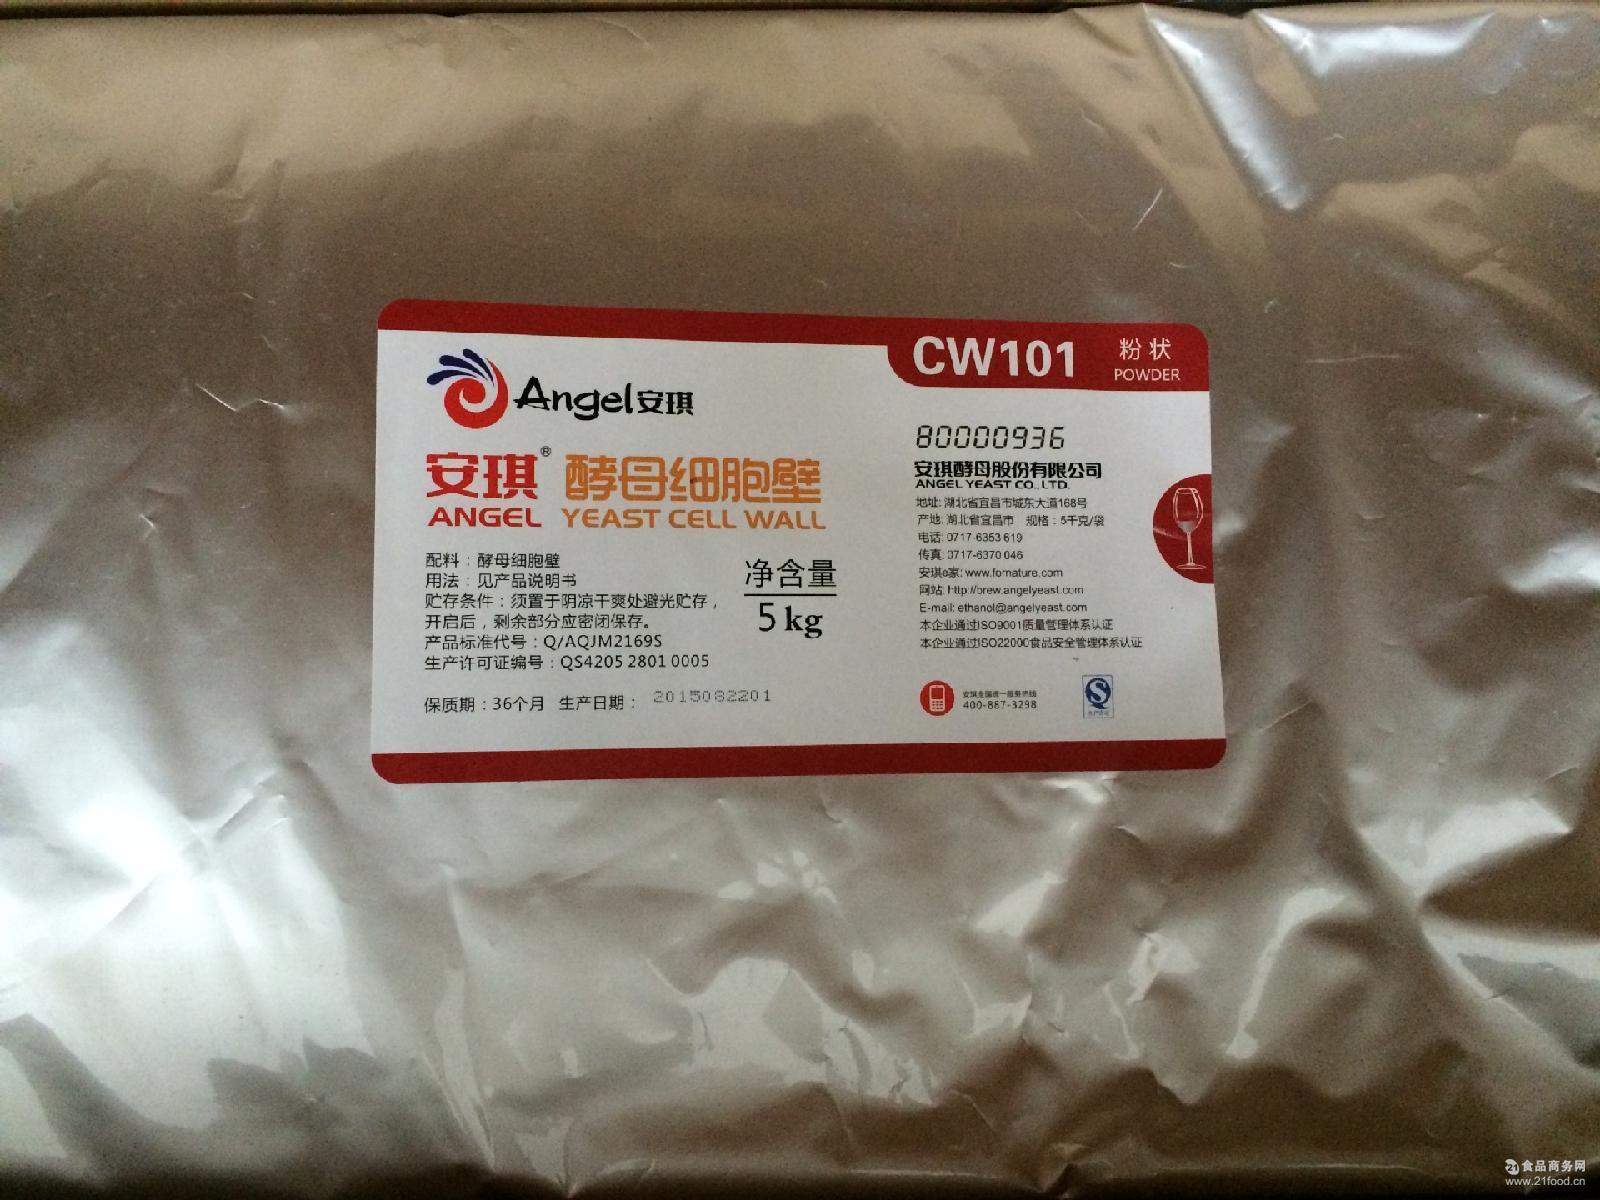 安琪Angel 有机元发酵助剂 酵母激活剂 甾醇激活剂 CW101